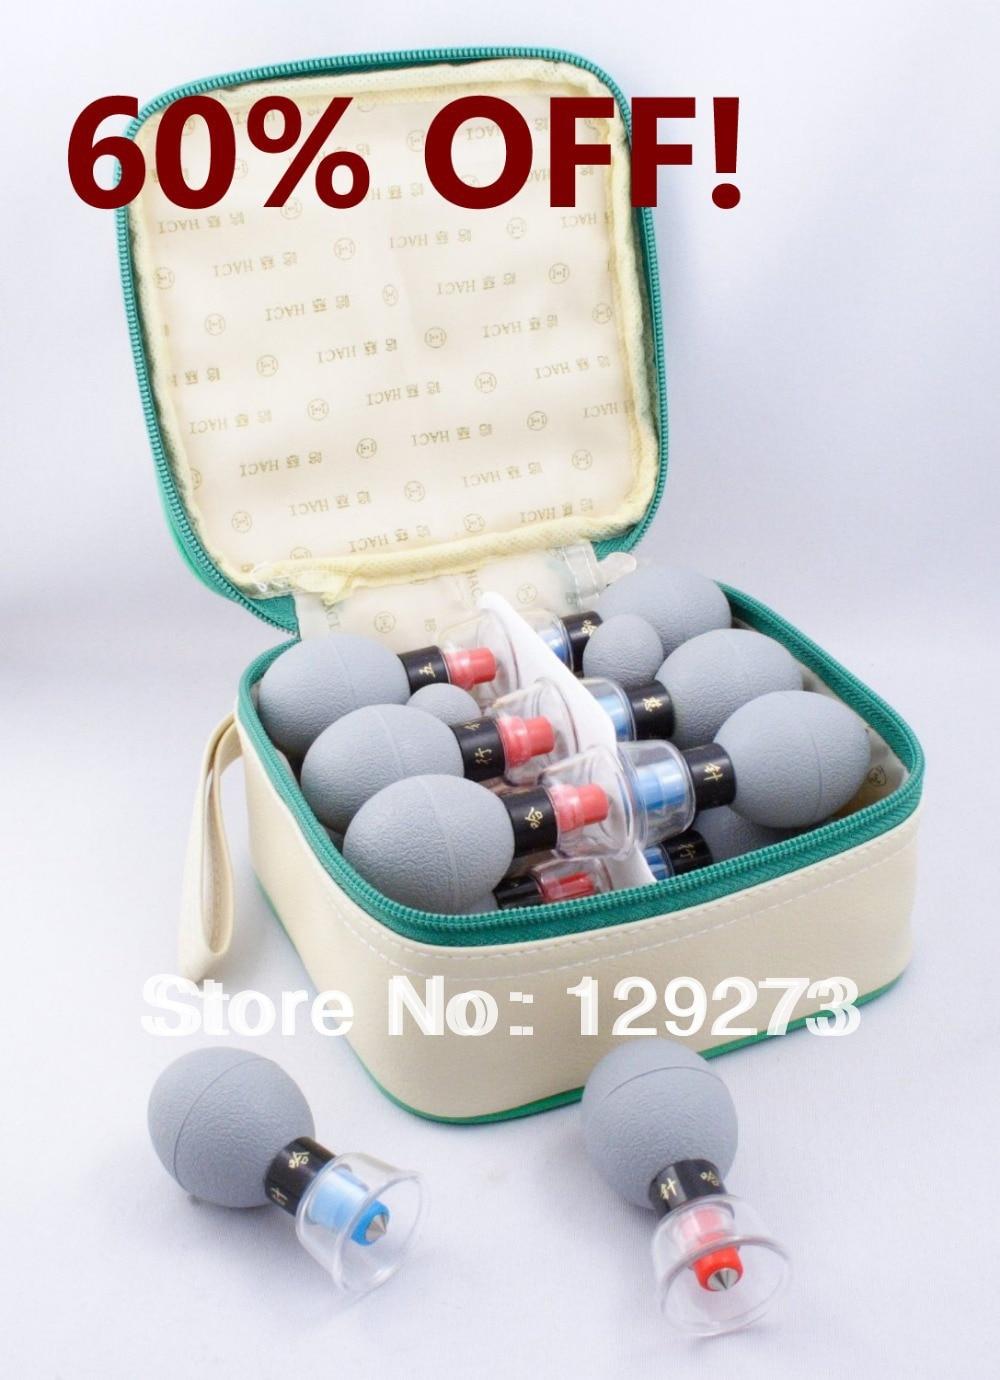 Engleski i ruski korisnički priručnik / HACI set za magnetsko - Zdravstvena zaštita - Foto 1